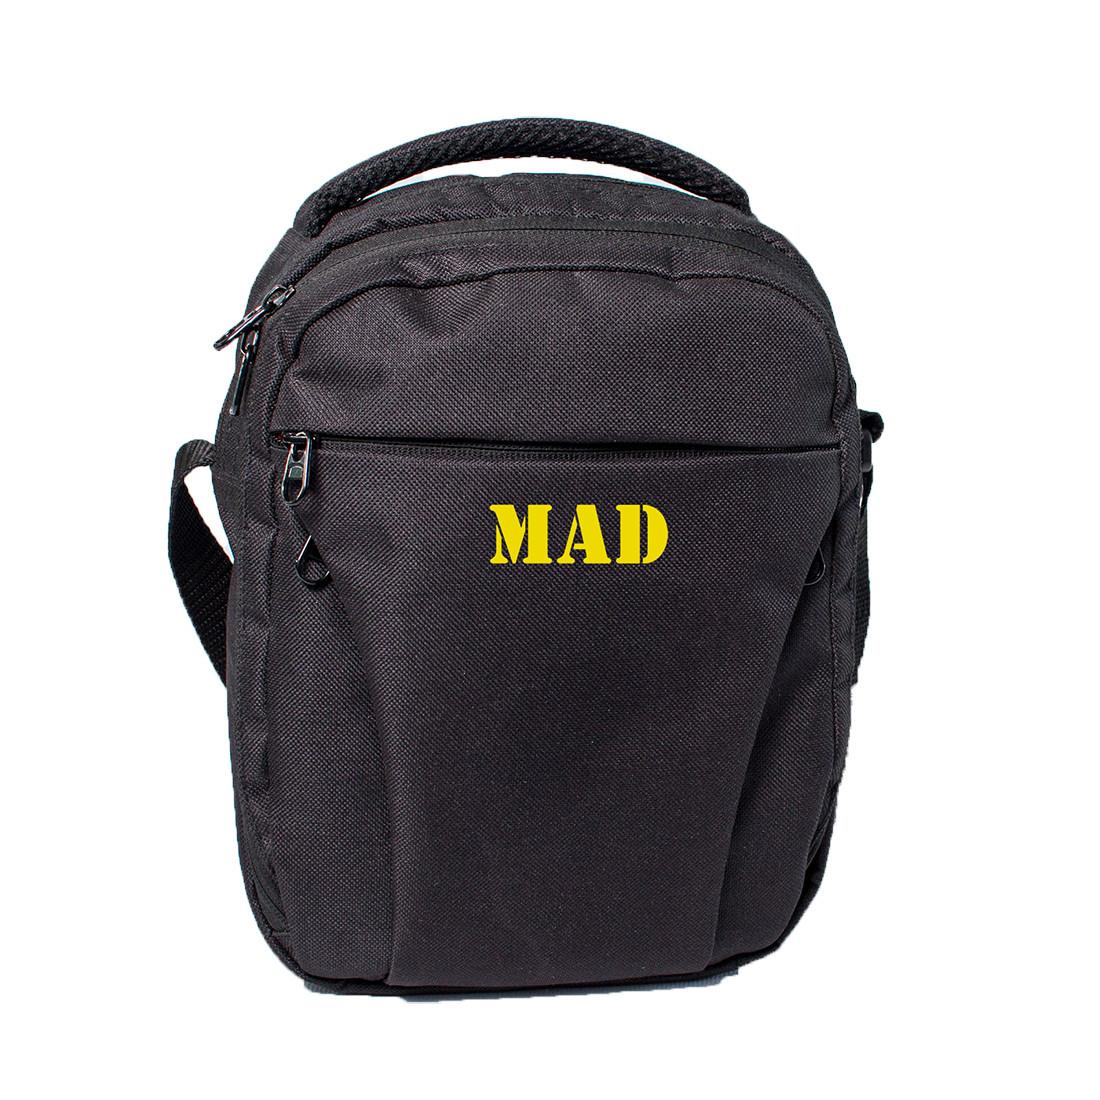 Мэссенджер Prime черно-желтый от MAD   born to win™